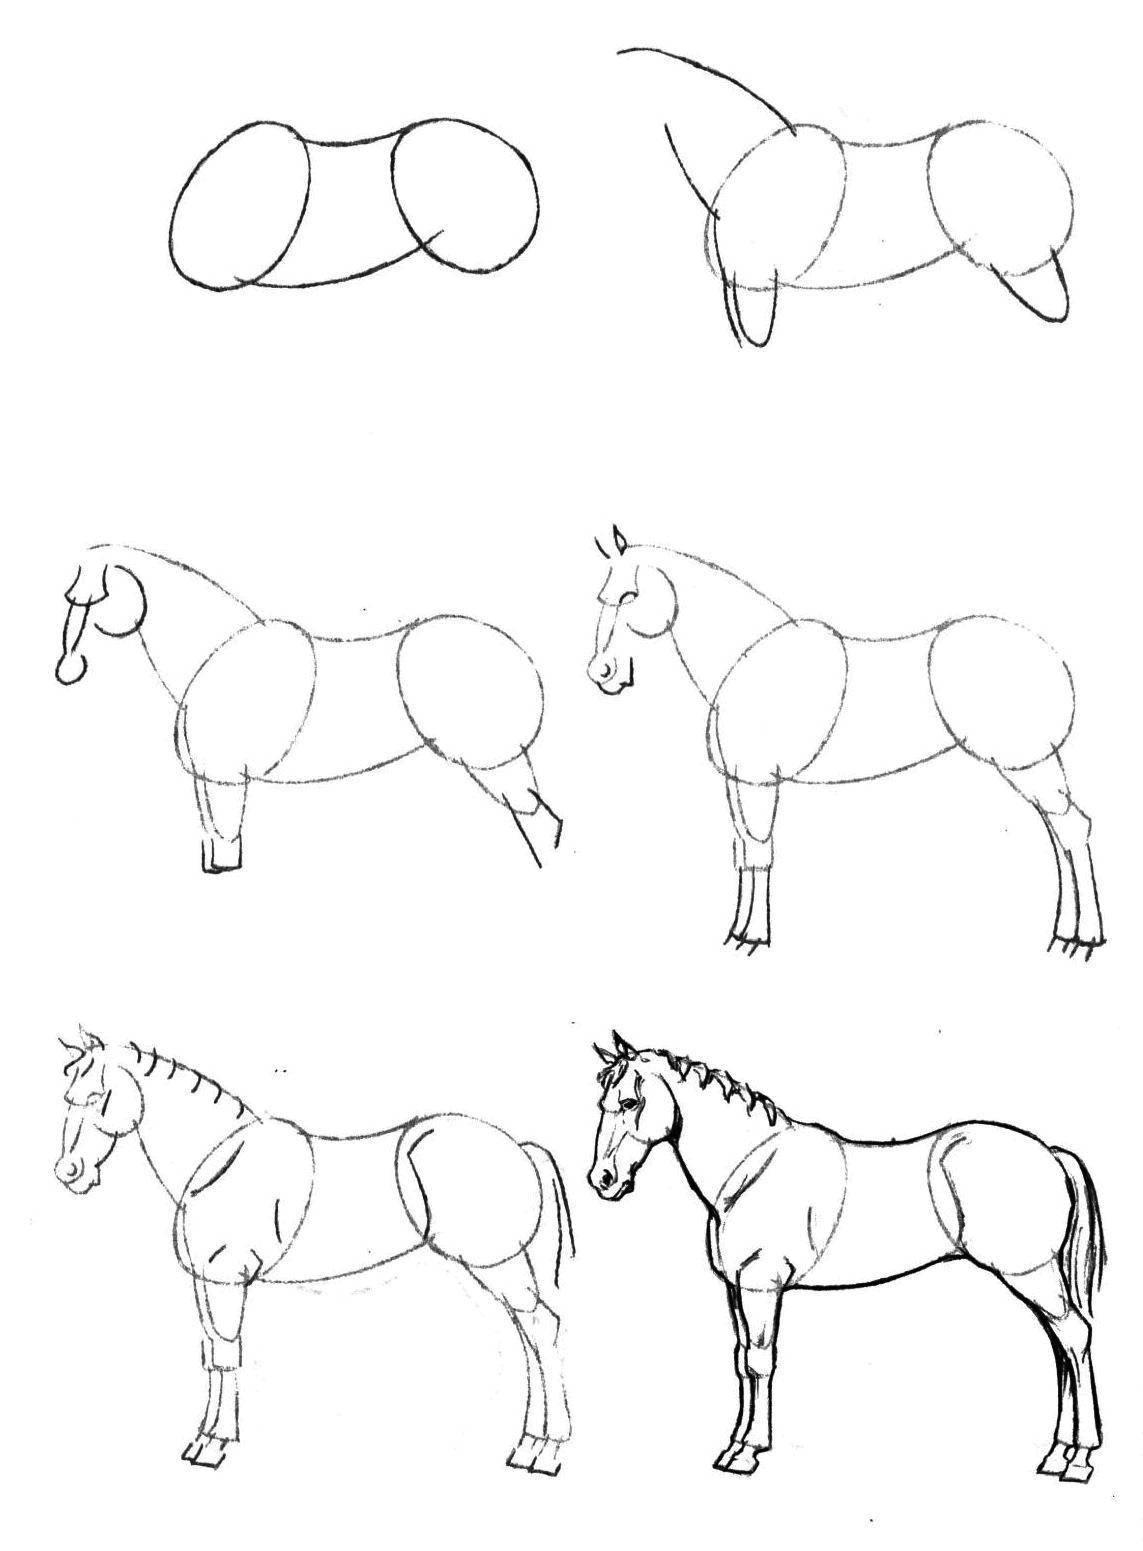 Раскраска Поэтапно рисуем лошадь Скачать Животные, лошадь.  Распечатать ,как нарисовать поэтапно карандашом,